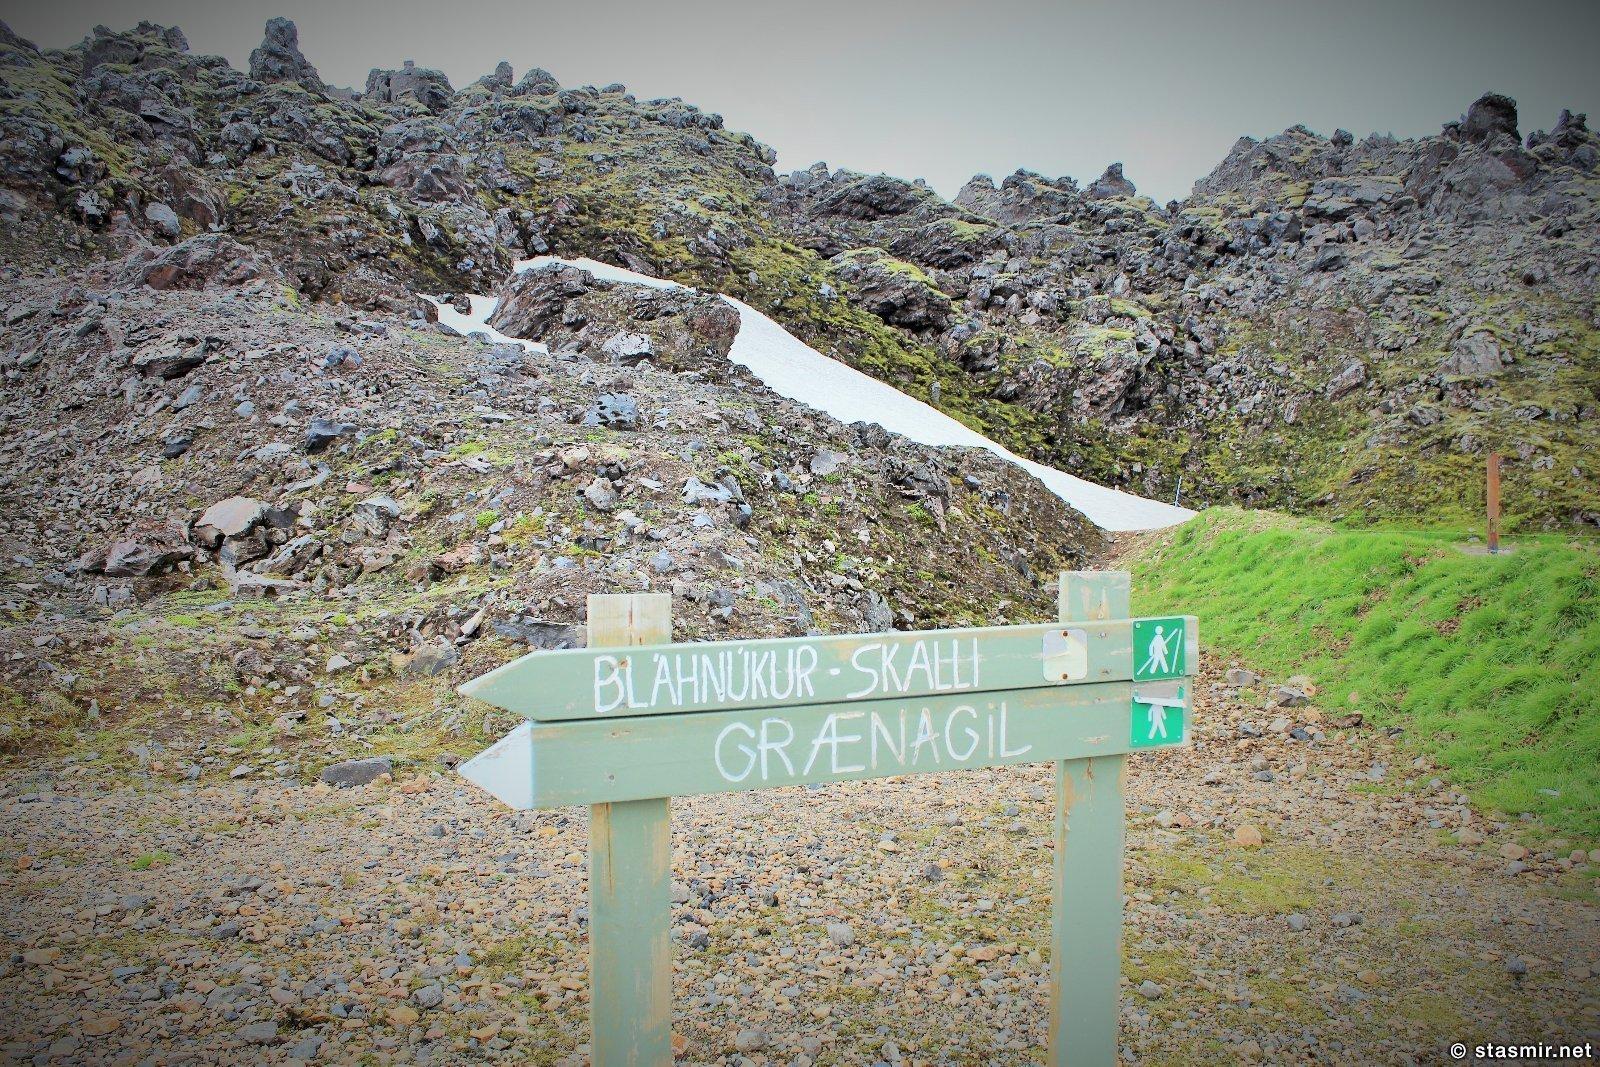 исландские дорожные знаки, указатели на маршруте Ландманналёйгур в Исландии, Ландманналёйгар, Ландманналаугар, Landmannalaugar, Icelandic road signs, фото Стасмир, Photo Stasmir